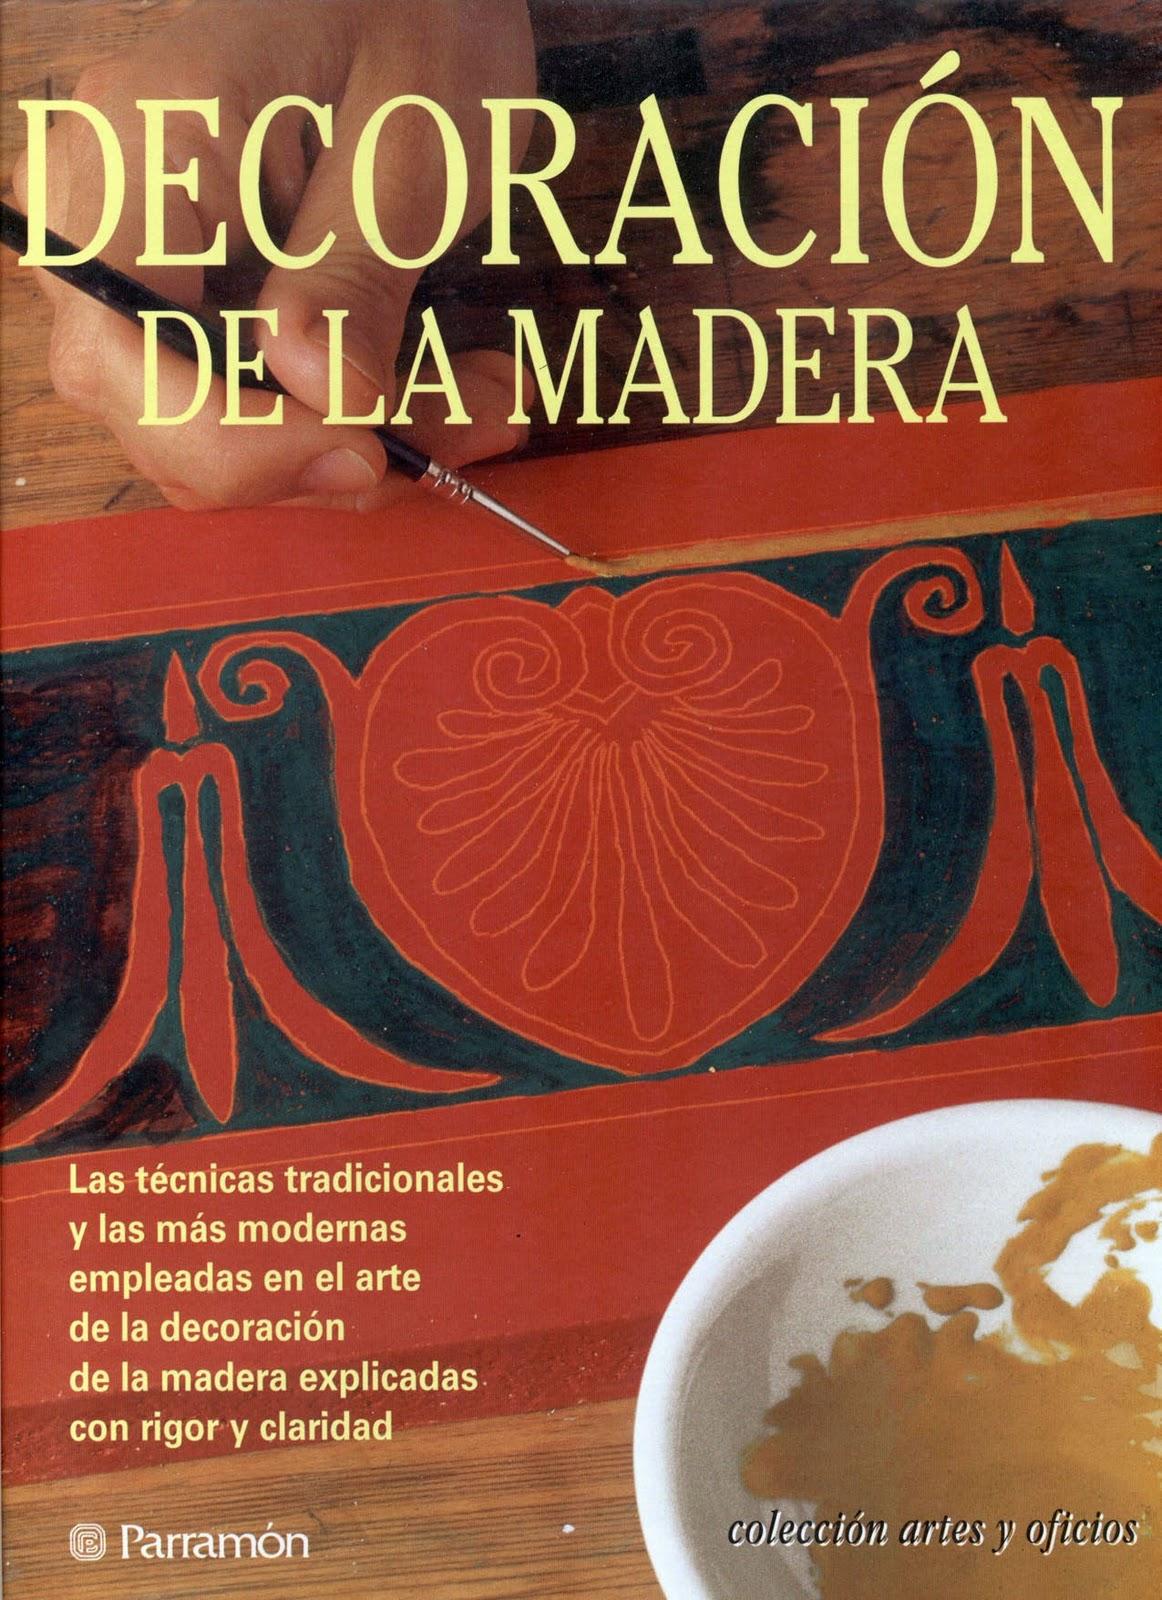 Revistas de manualidades gratis decoraci n de la madera for Revistas de decoracion gratis